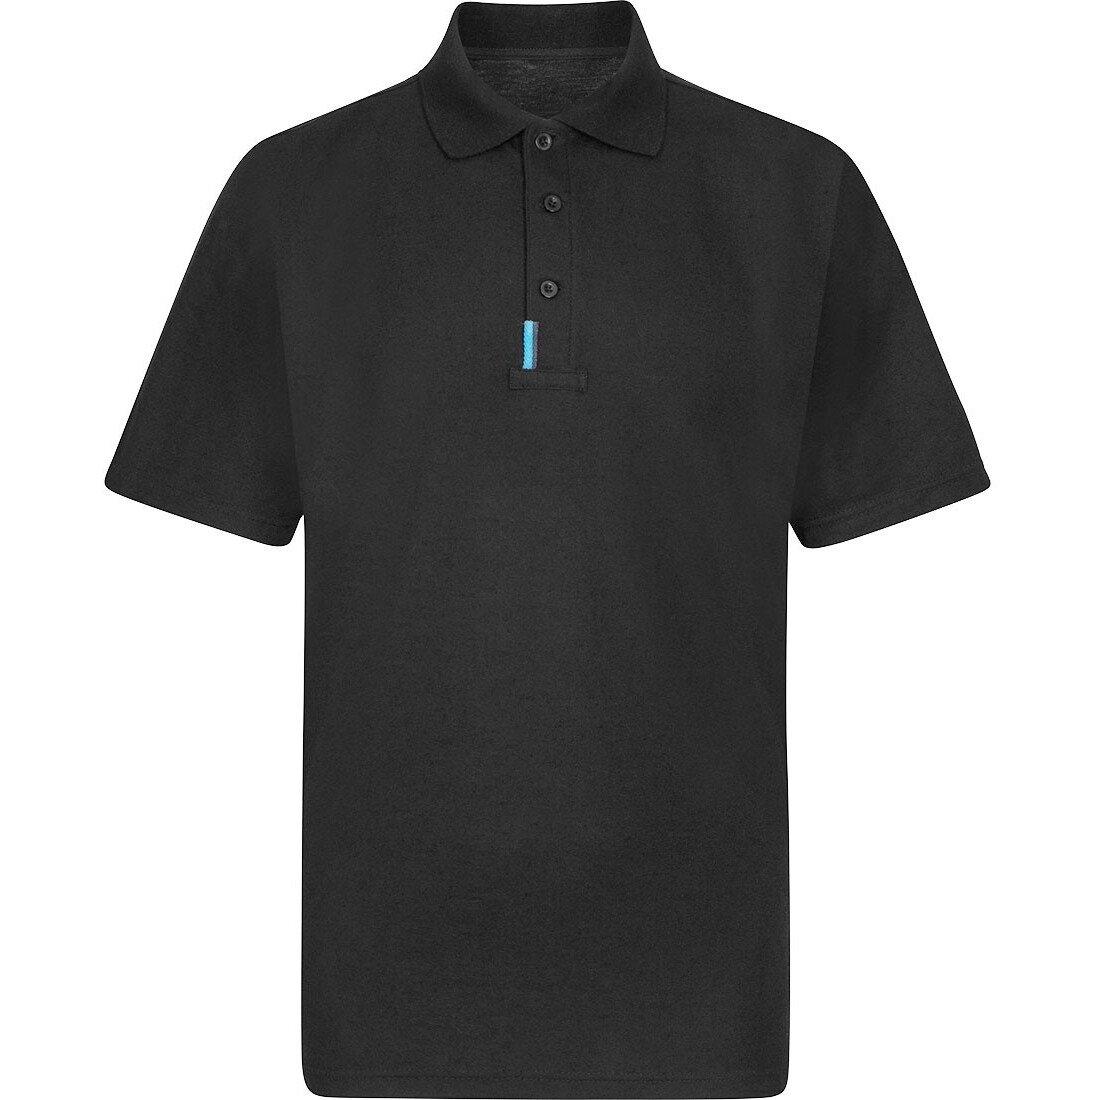 Portwest T720 WX3 Polo Shirt - Black